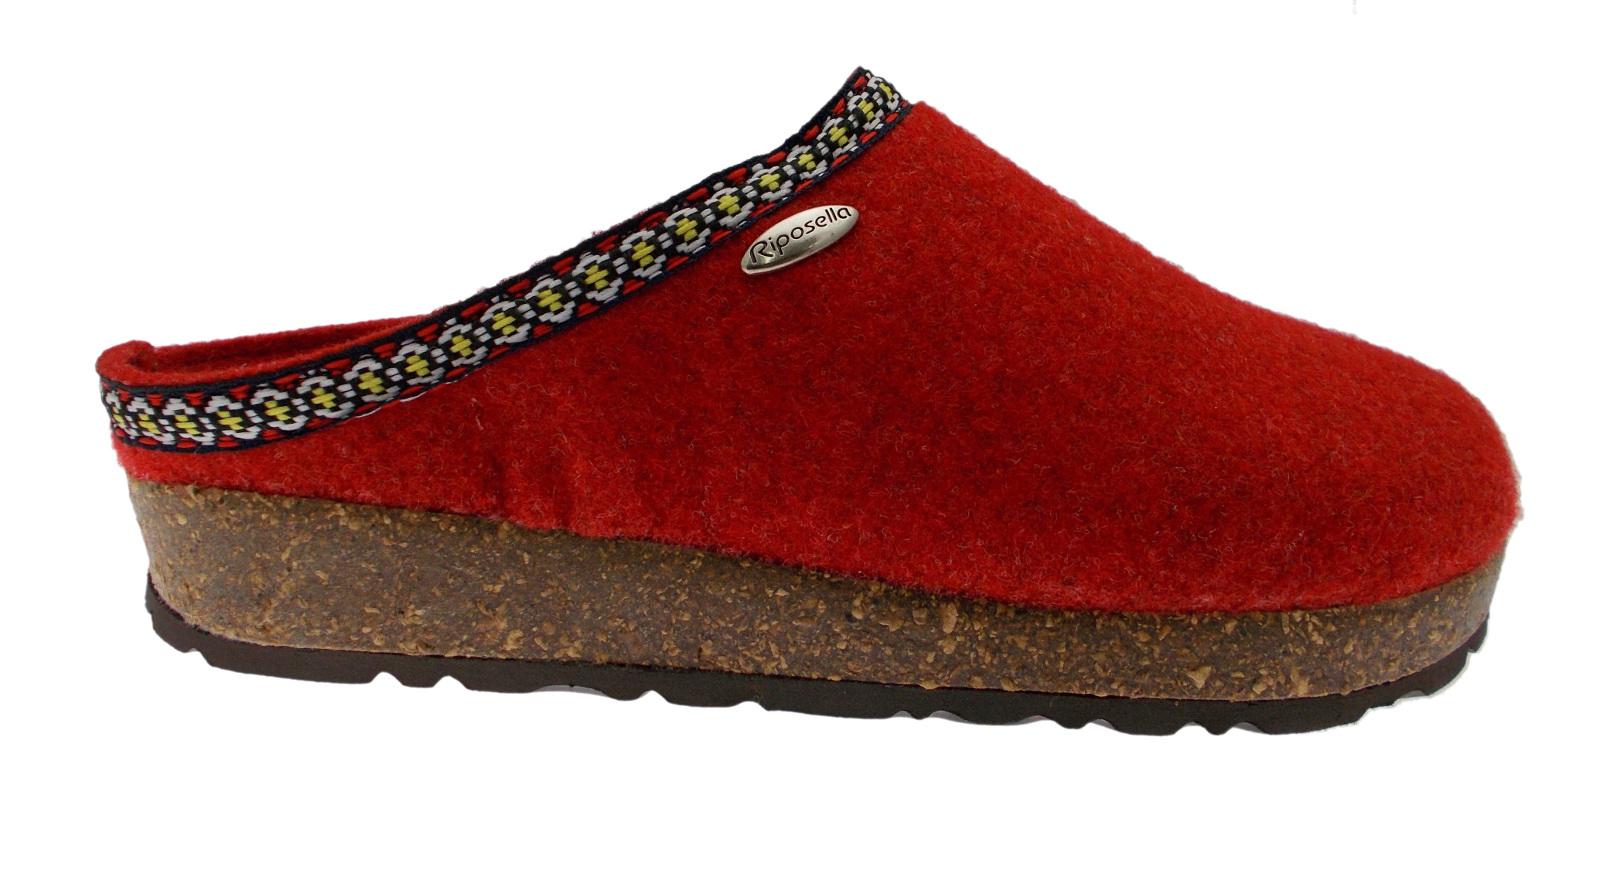 lana in feltro di rossa cotta 2930 Riposella bollita 4wxIzz